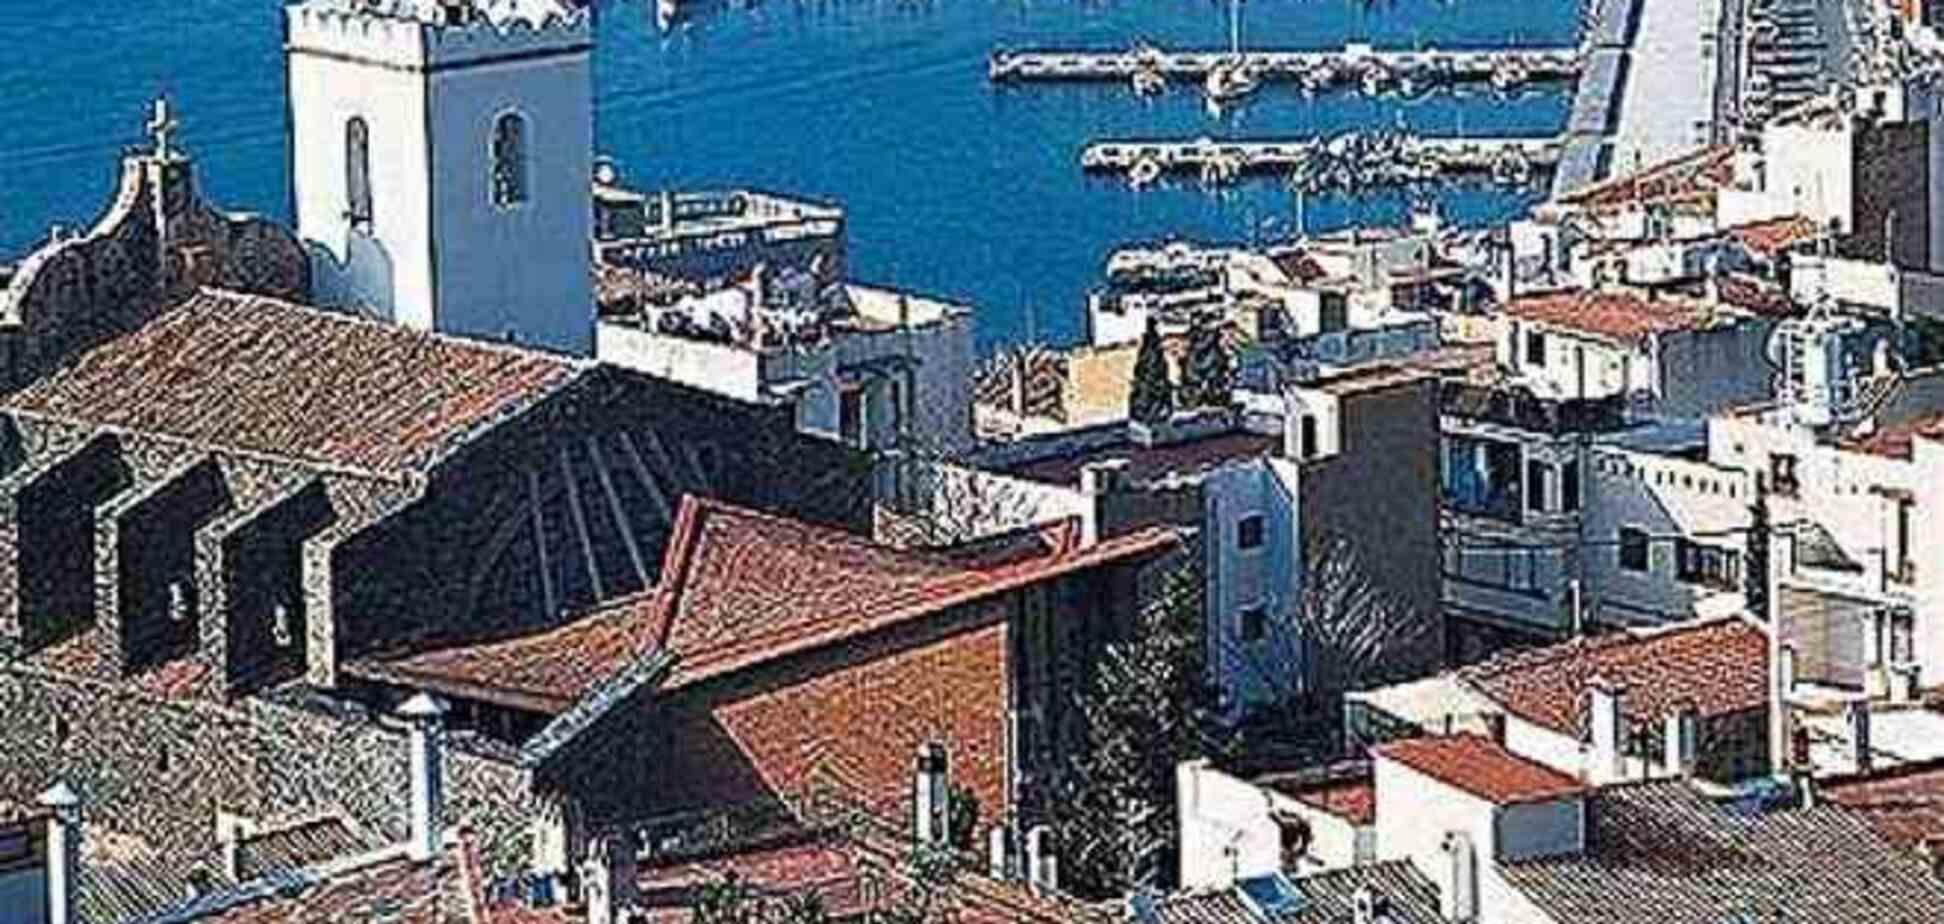 Иностранные инвестиционные фонды хотят купить испанское агентство недвижимости